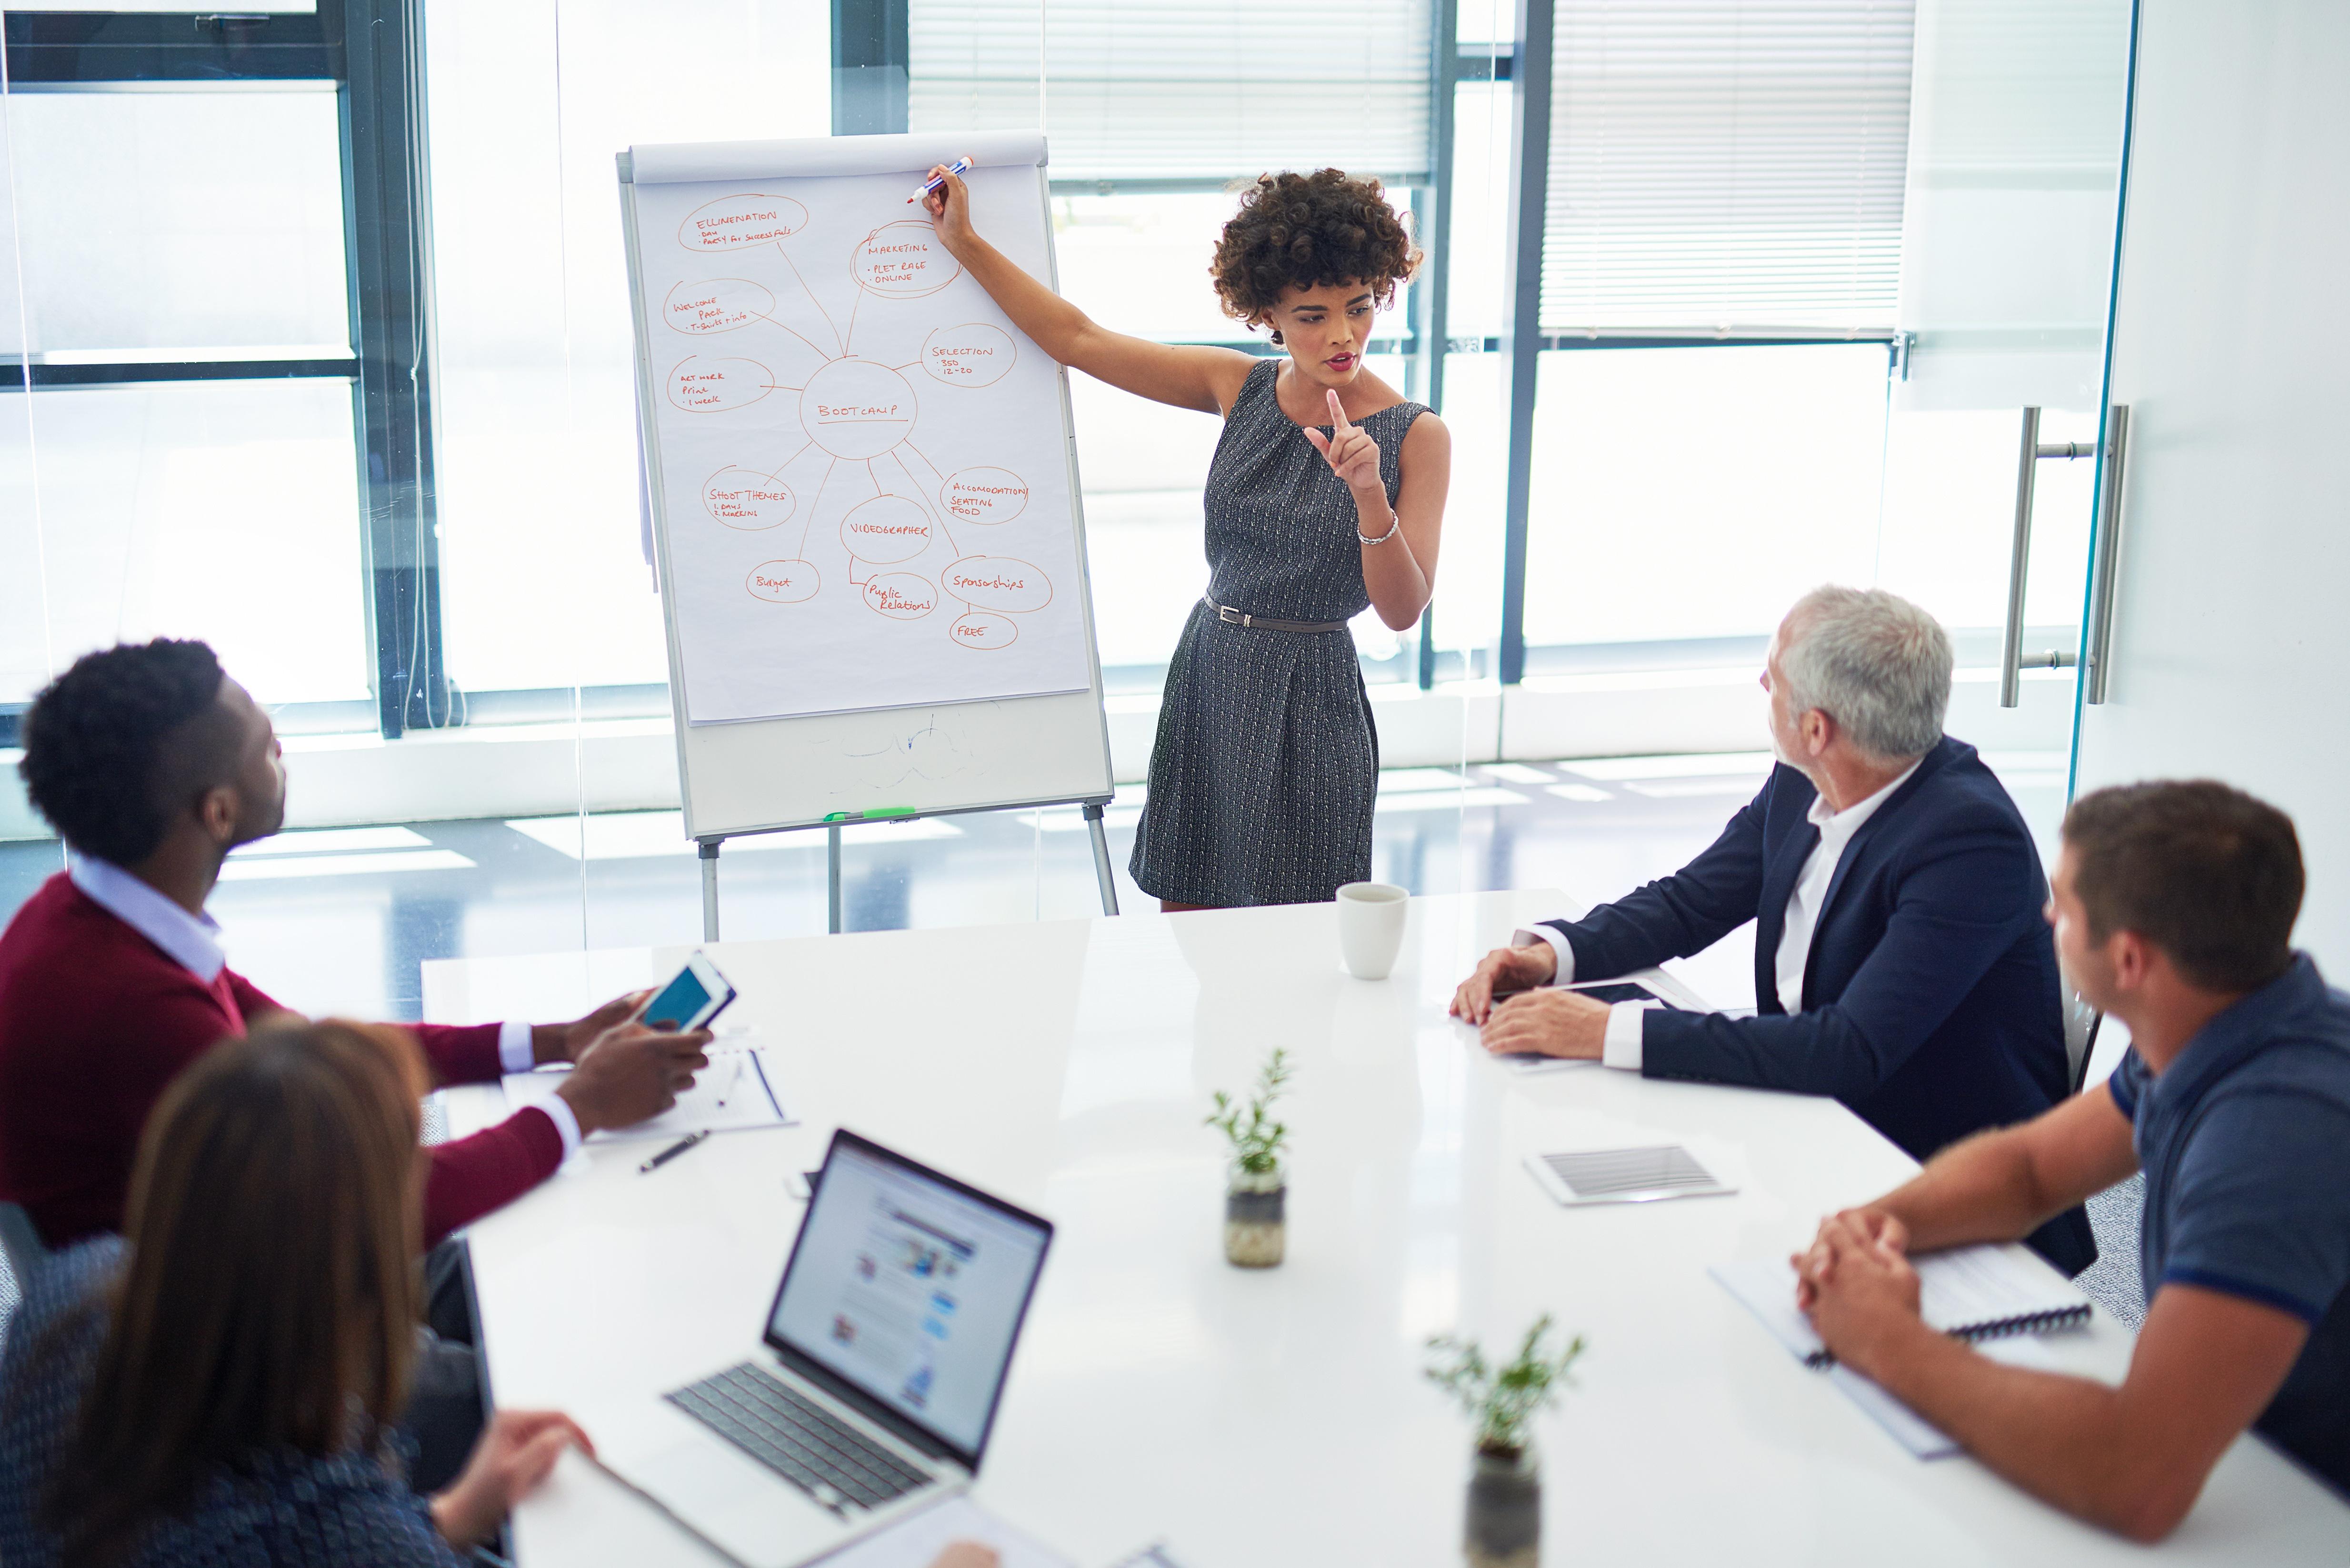 Woman leading meeting easel.jpg